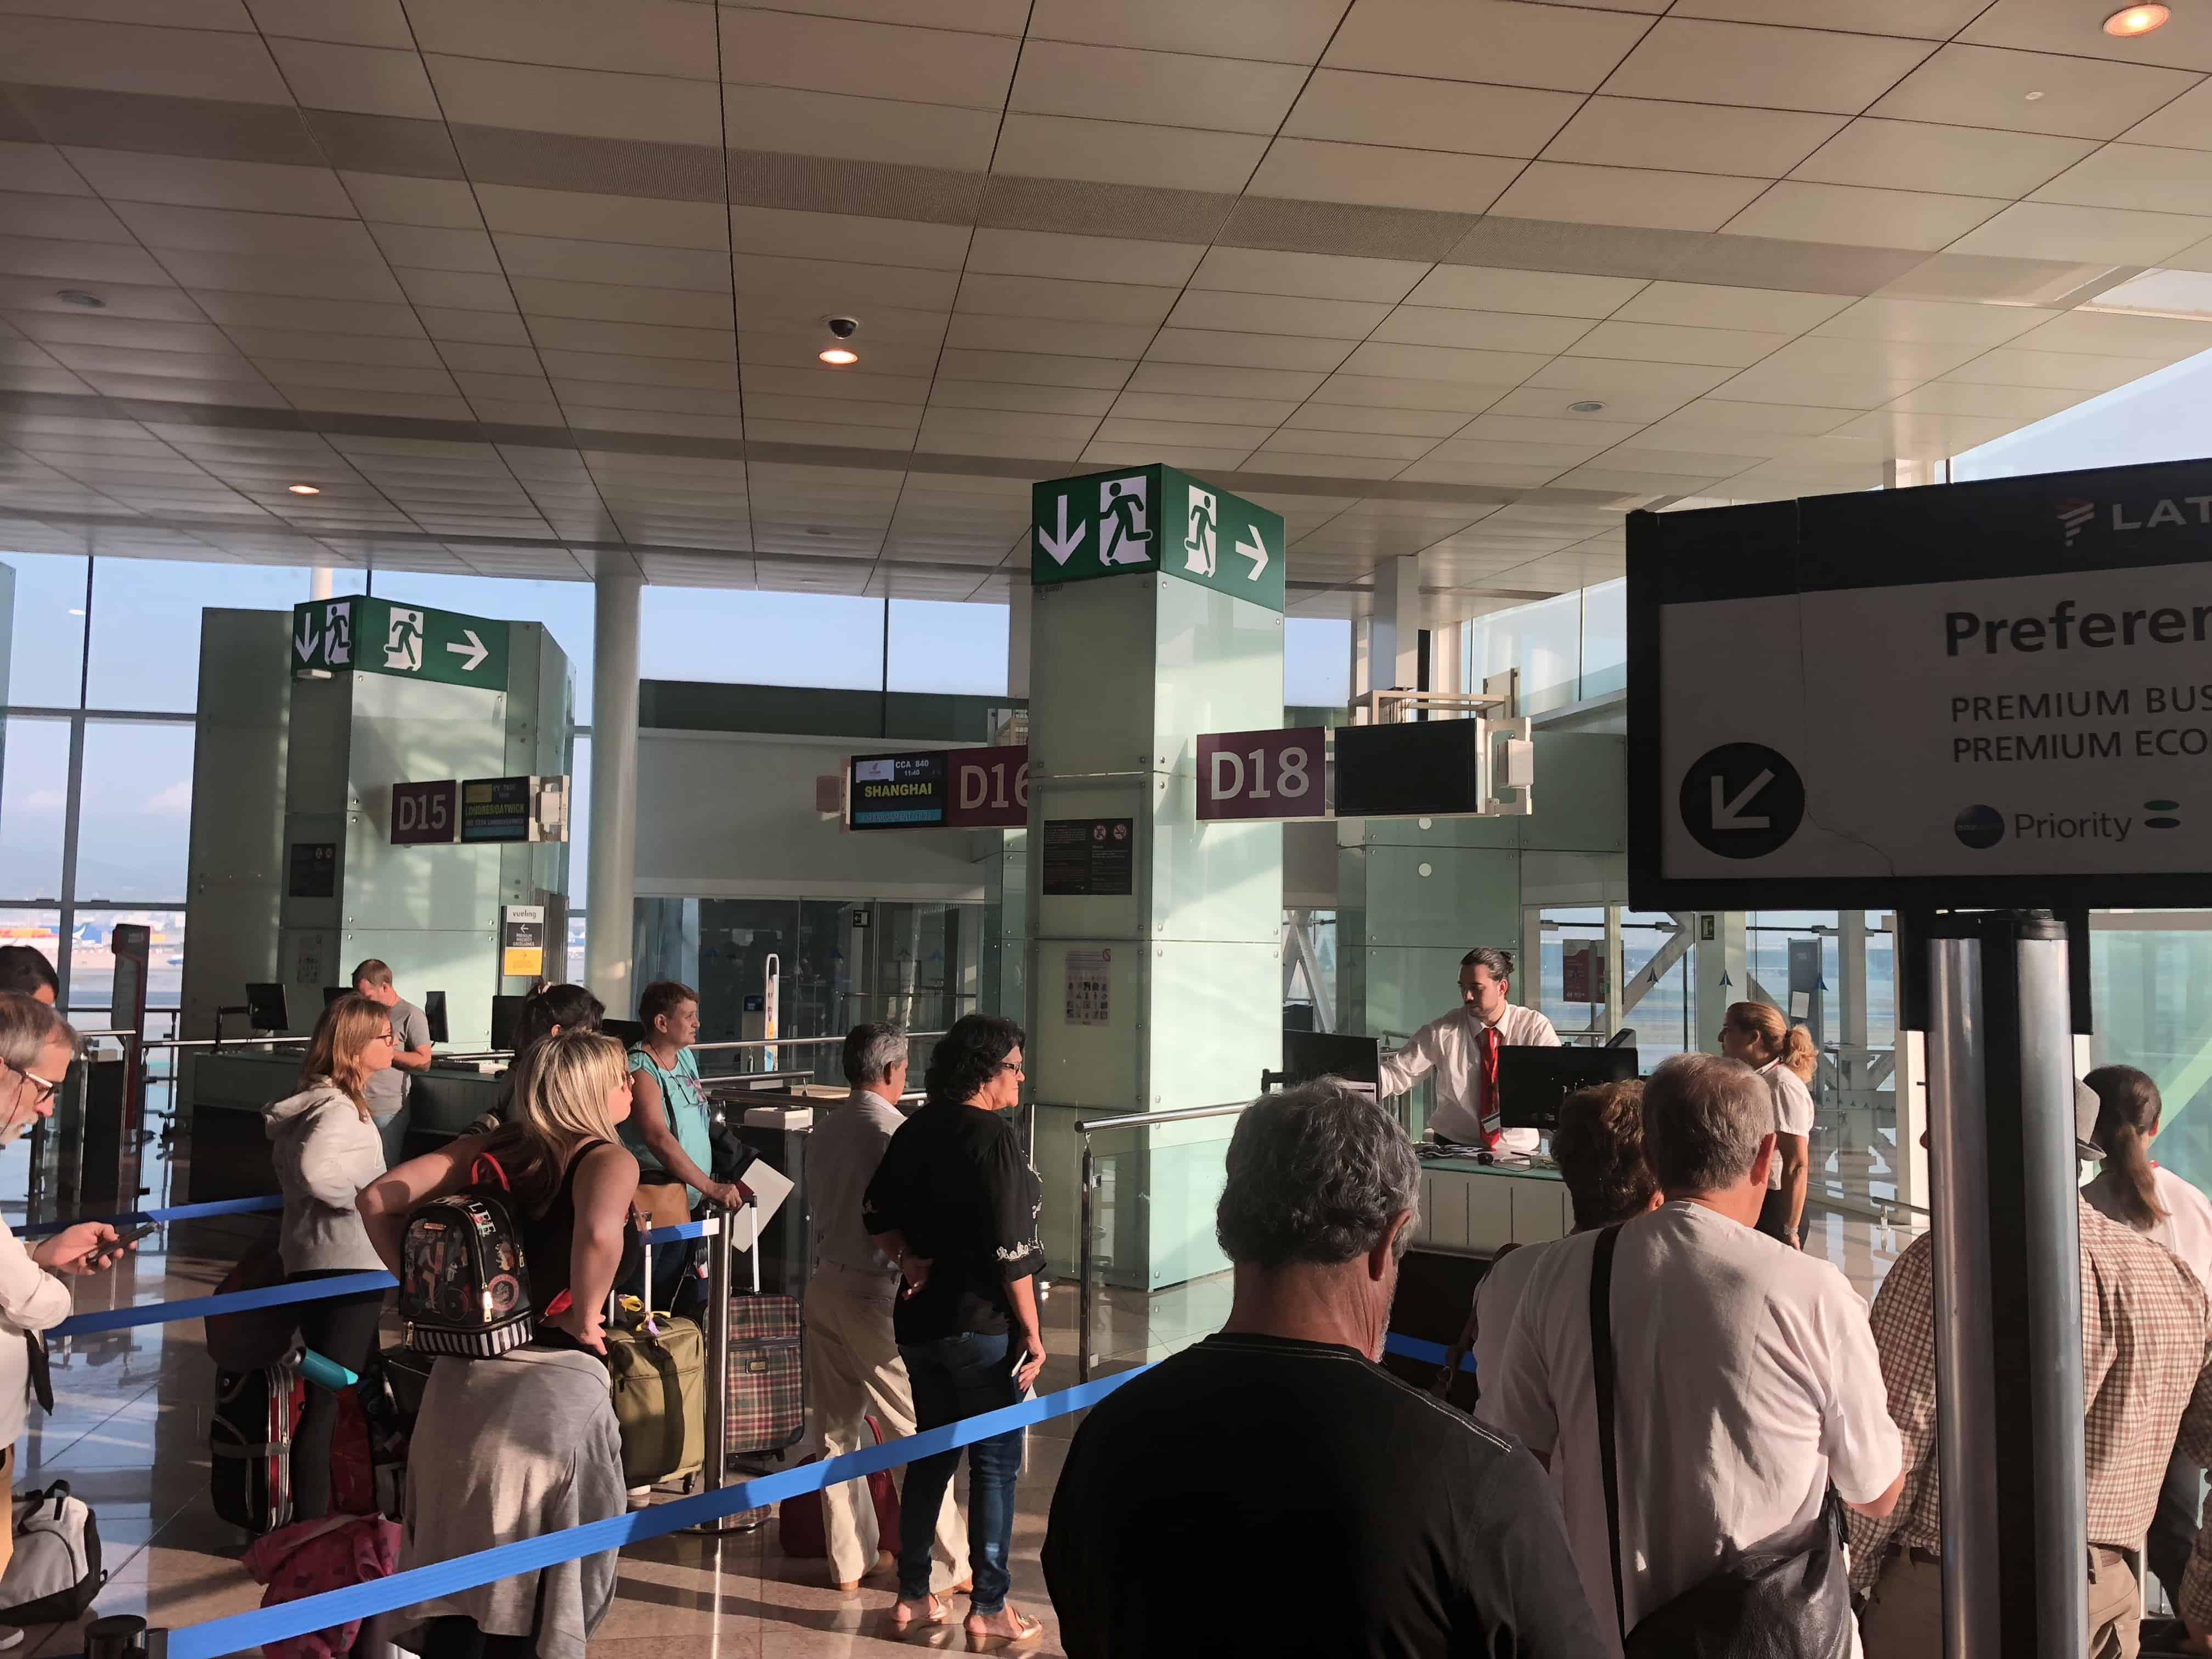 Schlange vor dem Gate D18, von dem aus der LATAM-Flug von Barcelona nach Sao Paulo starten soll.